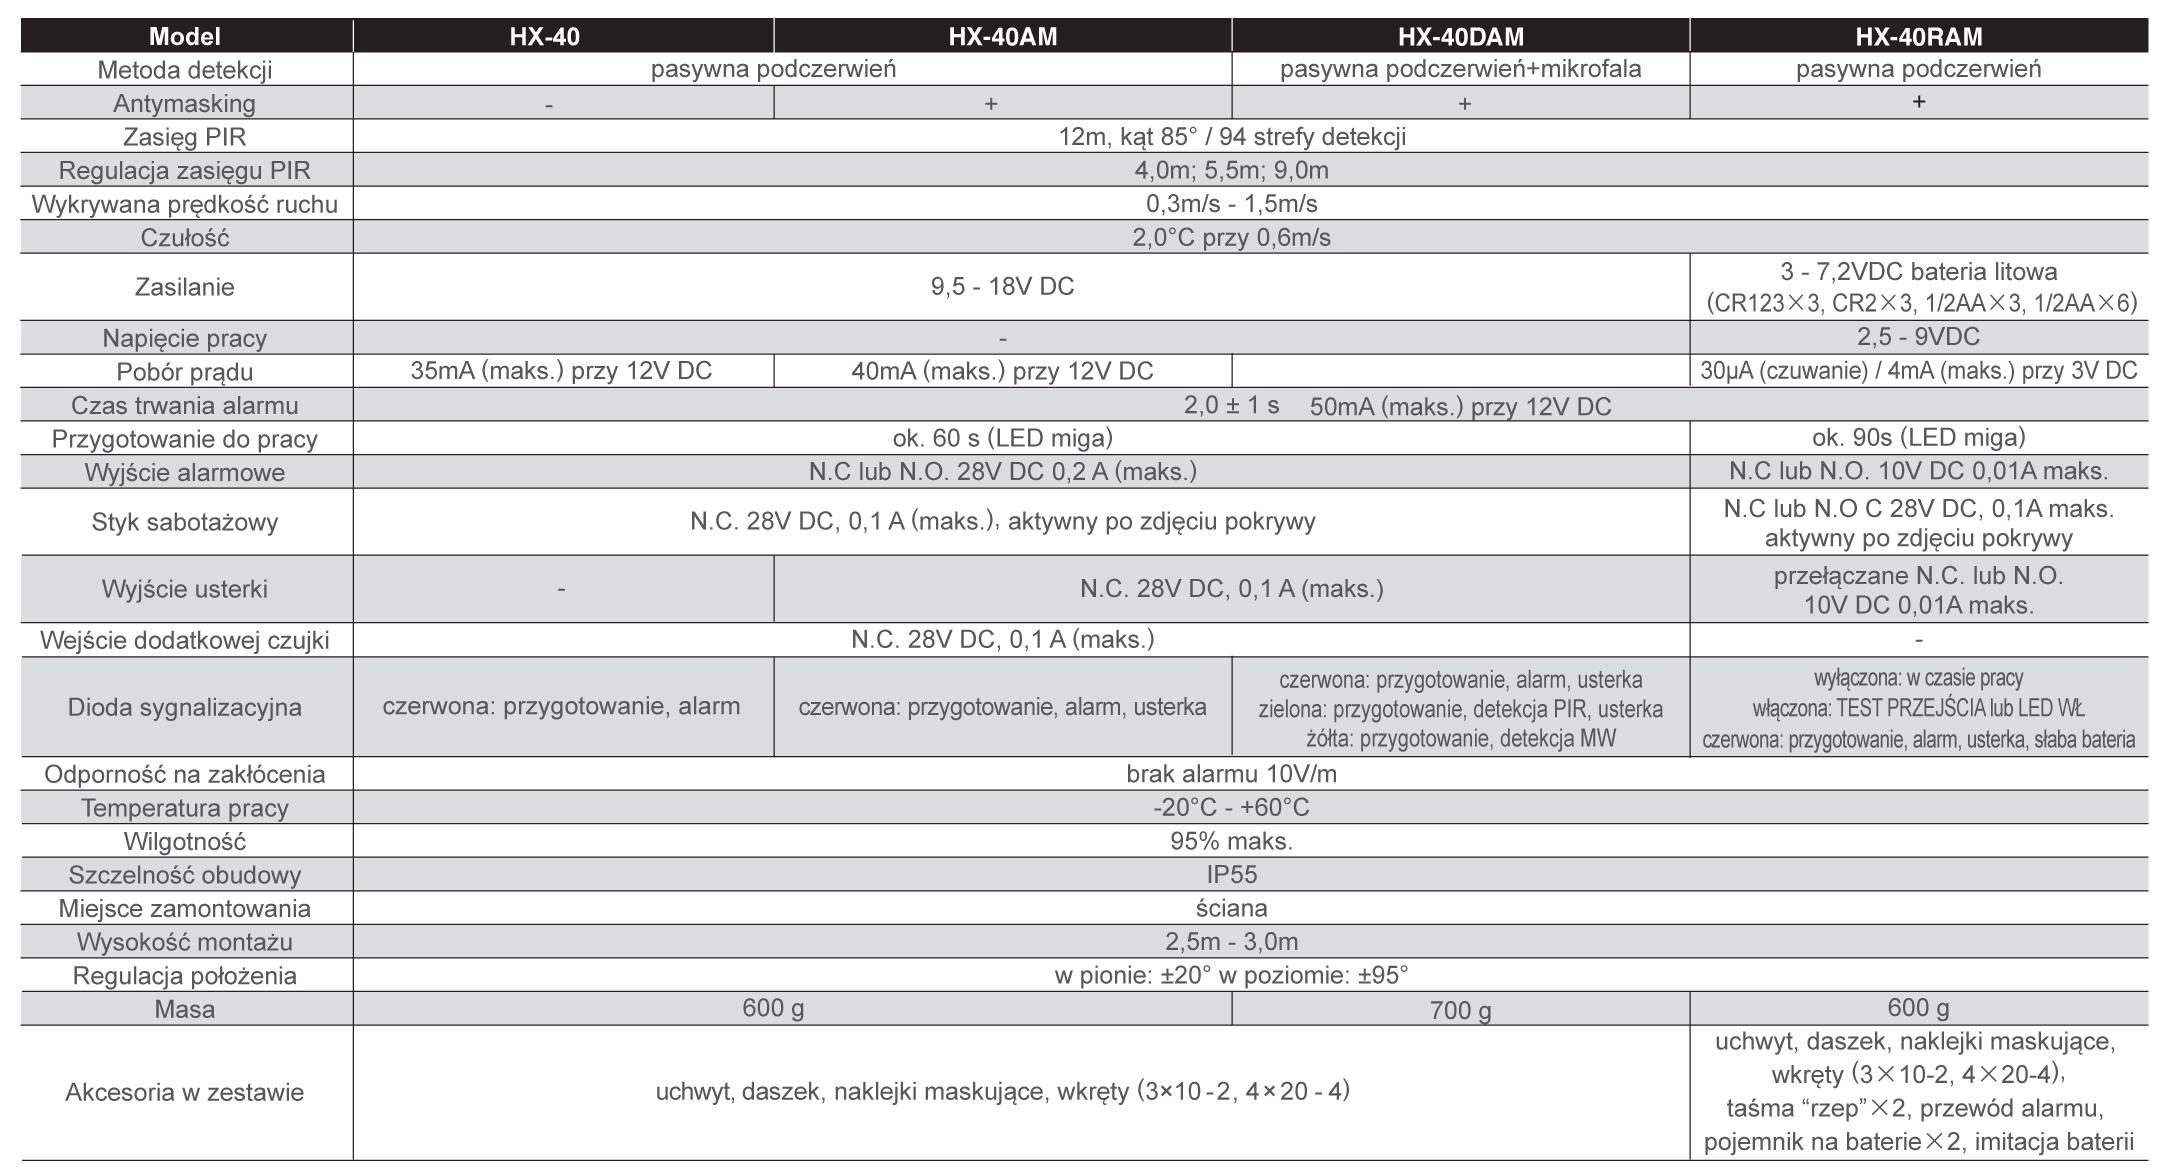 Optex Hx 40 Seria Specyfikacja Pl